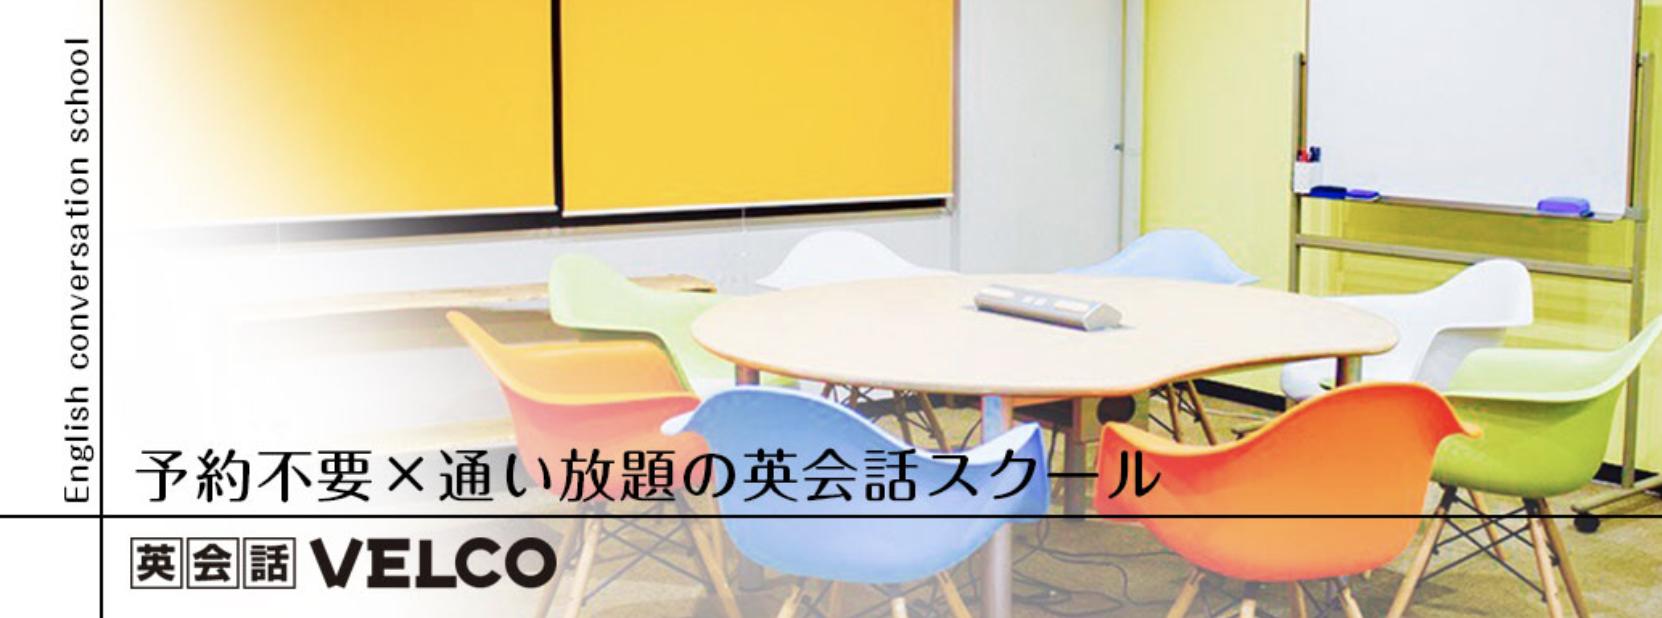 【目的別】滋賀の英会話スクール8選 ジャンル別おすすめスクール